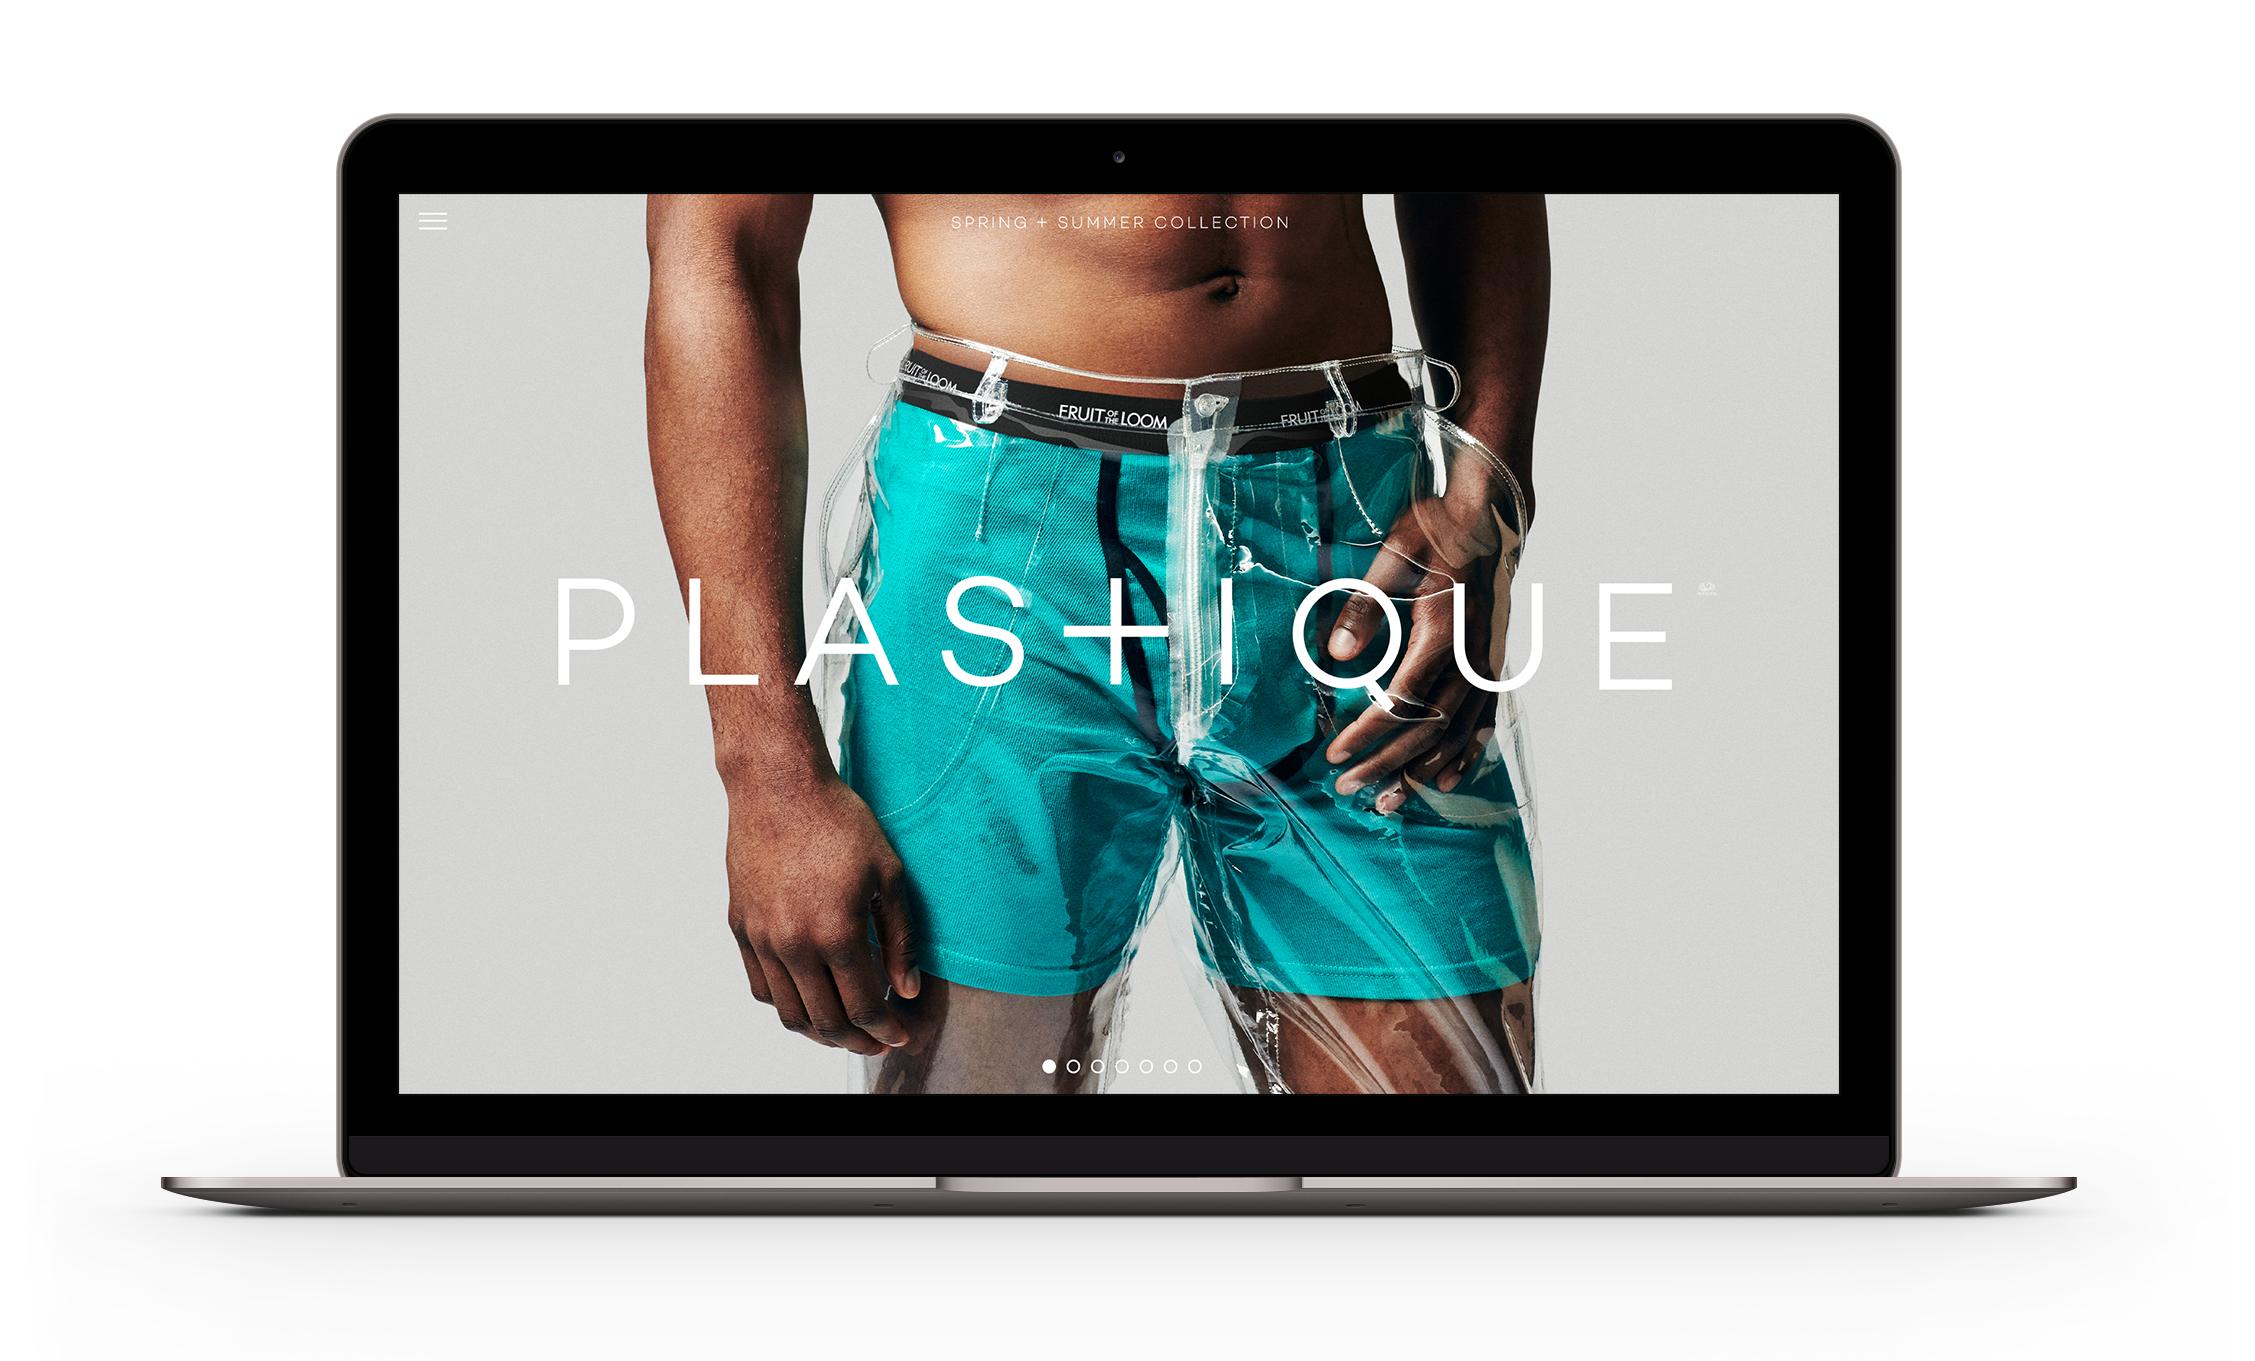 PlastiqueByFrank_Website1.png